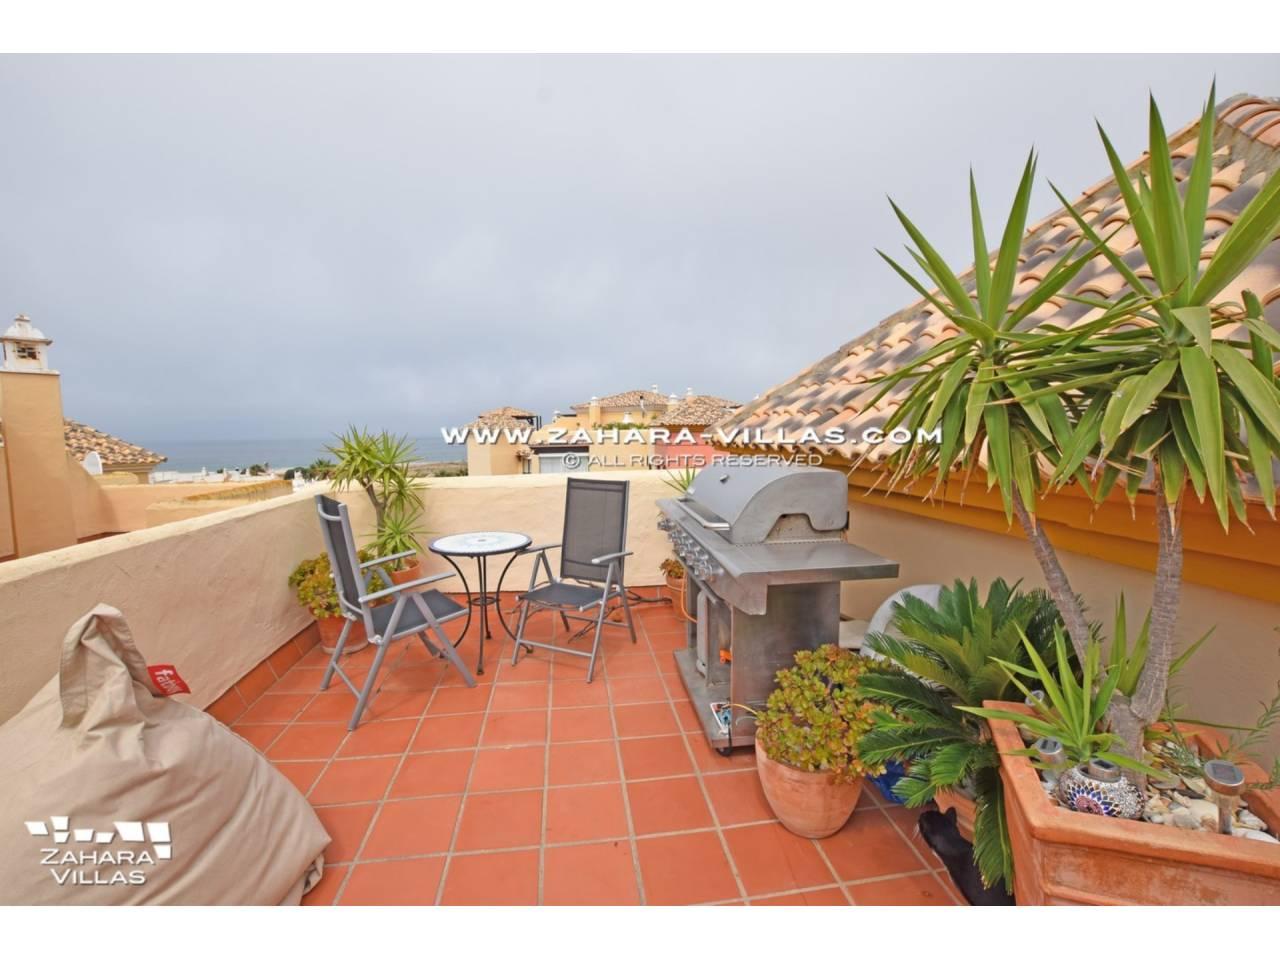 Imagen 3 de Penthouse appartment reformed for sale in Costa de la Luz